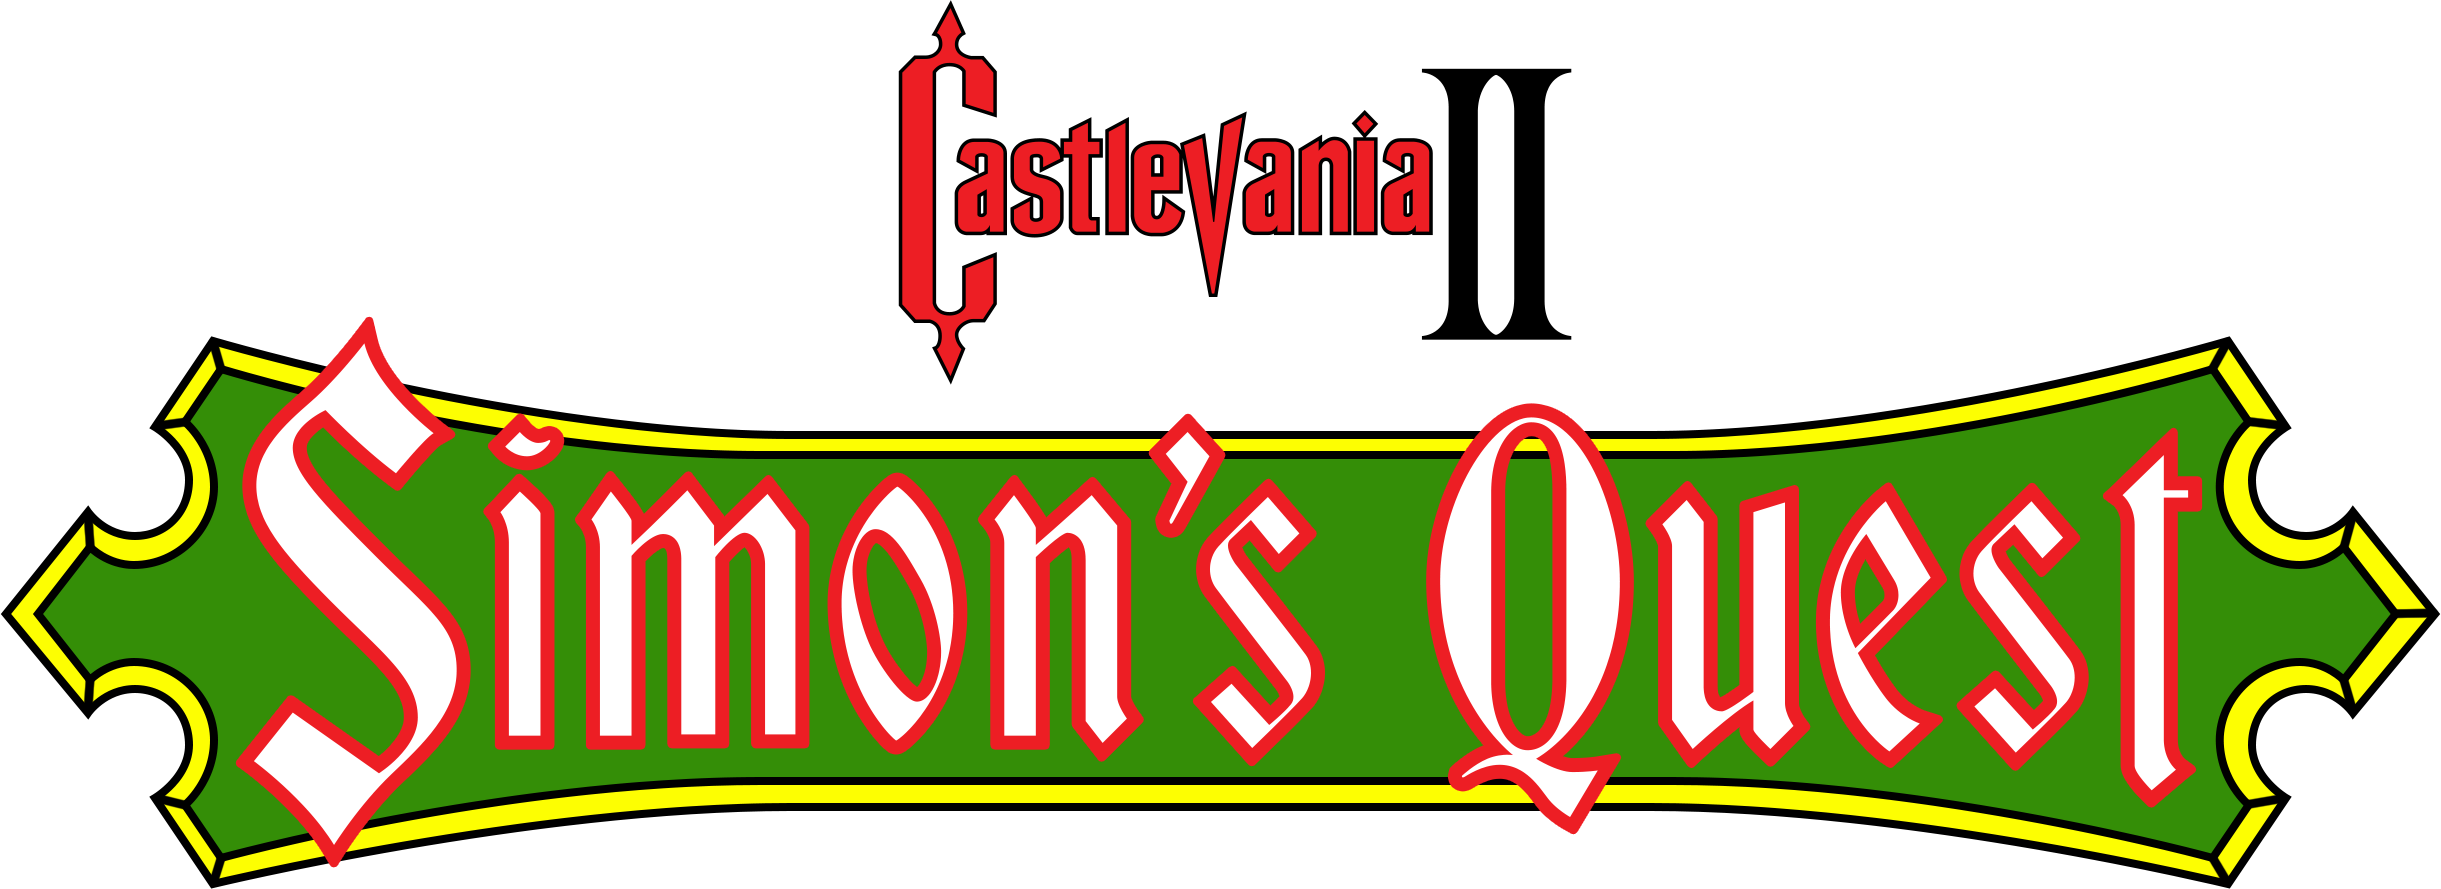 castlevania2 simons quest